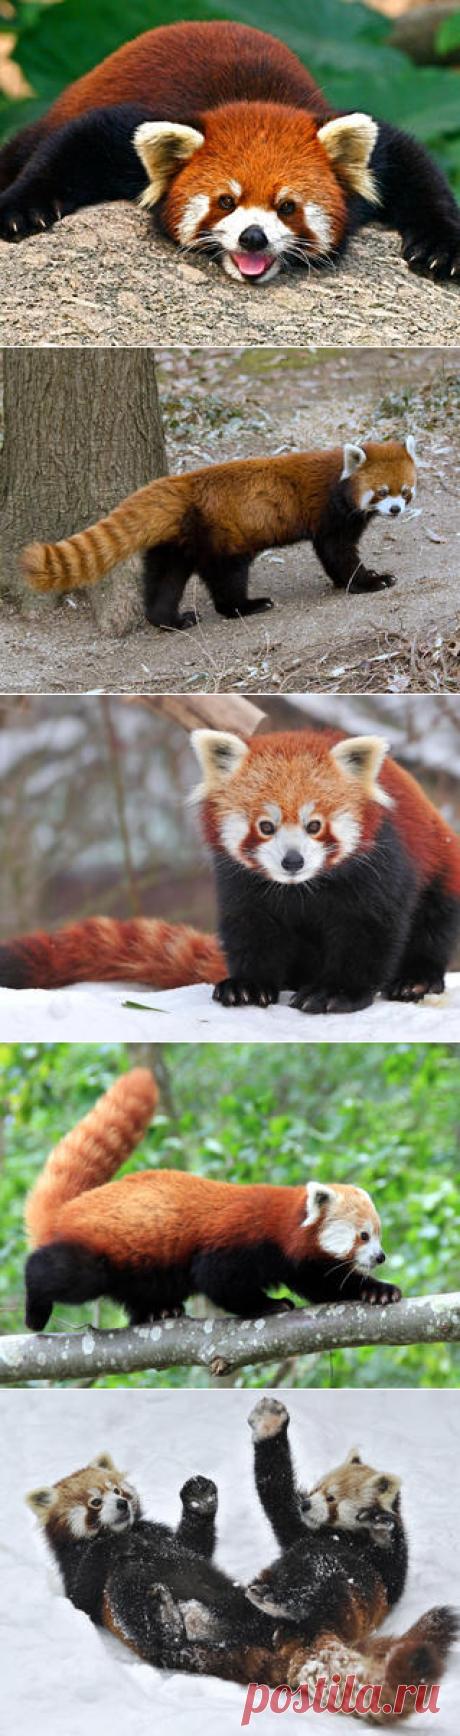 Смотреть изображения малых панд | Зооляндия